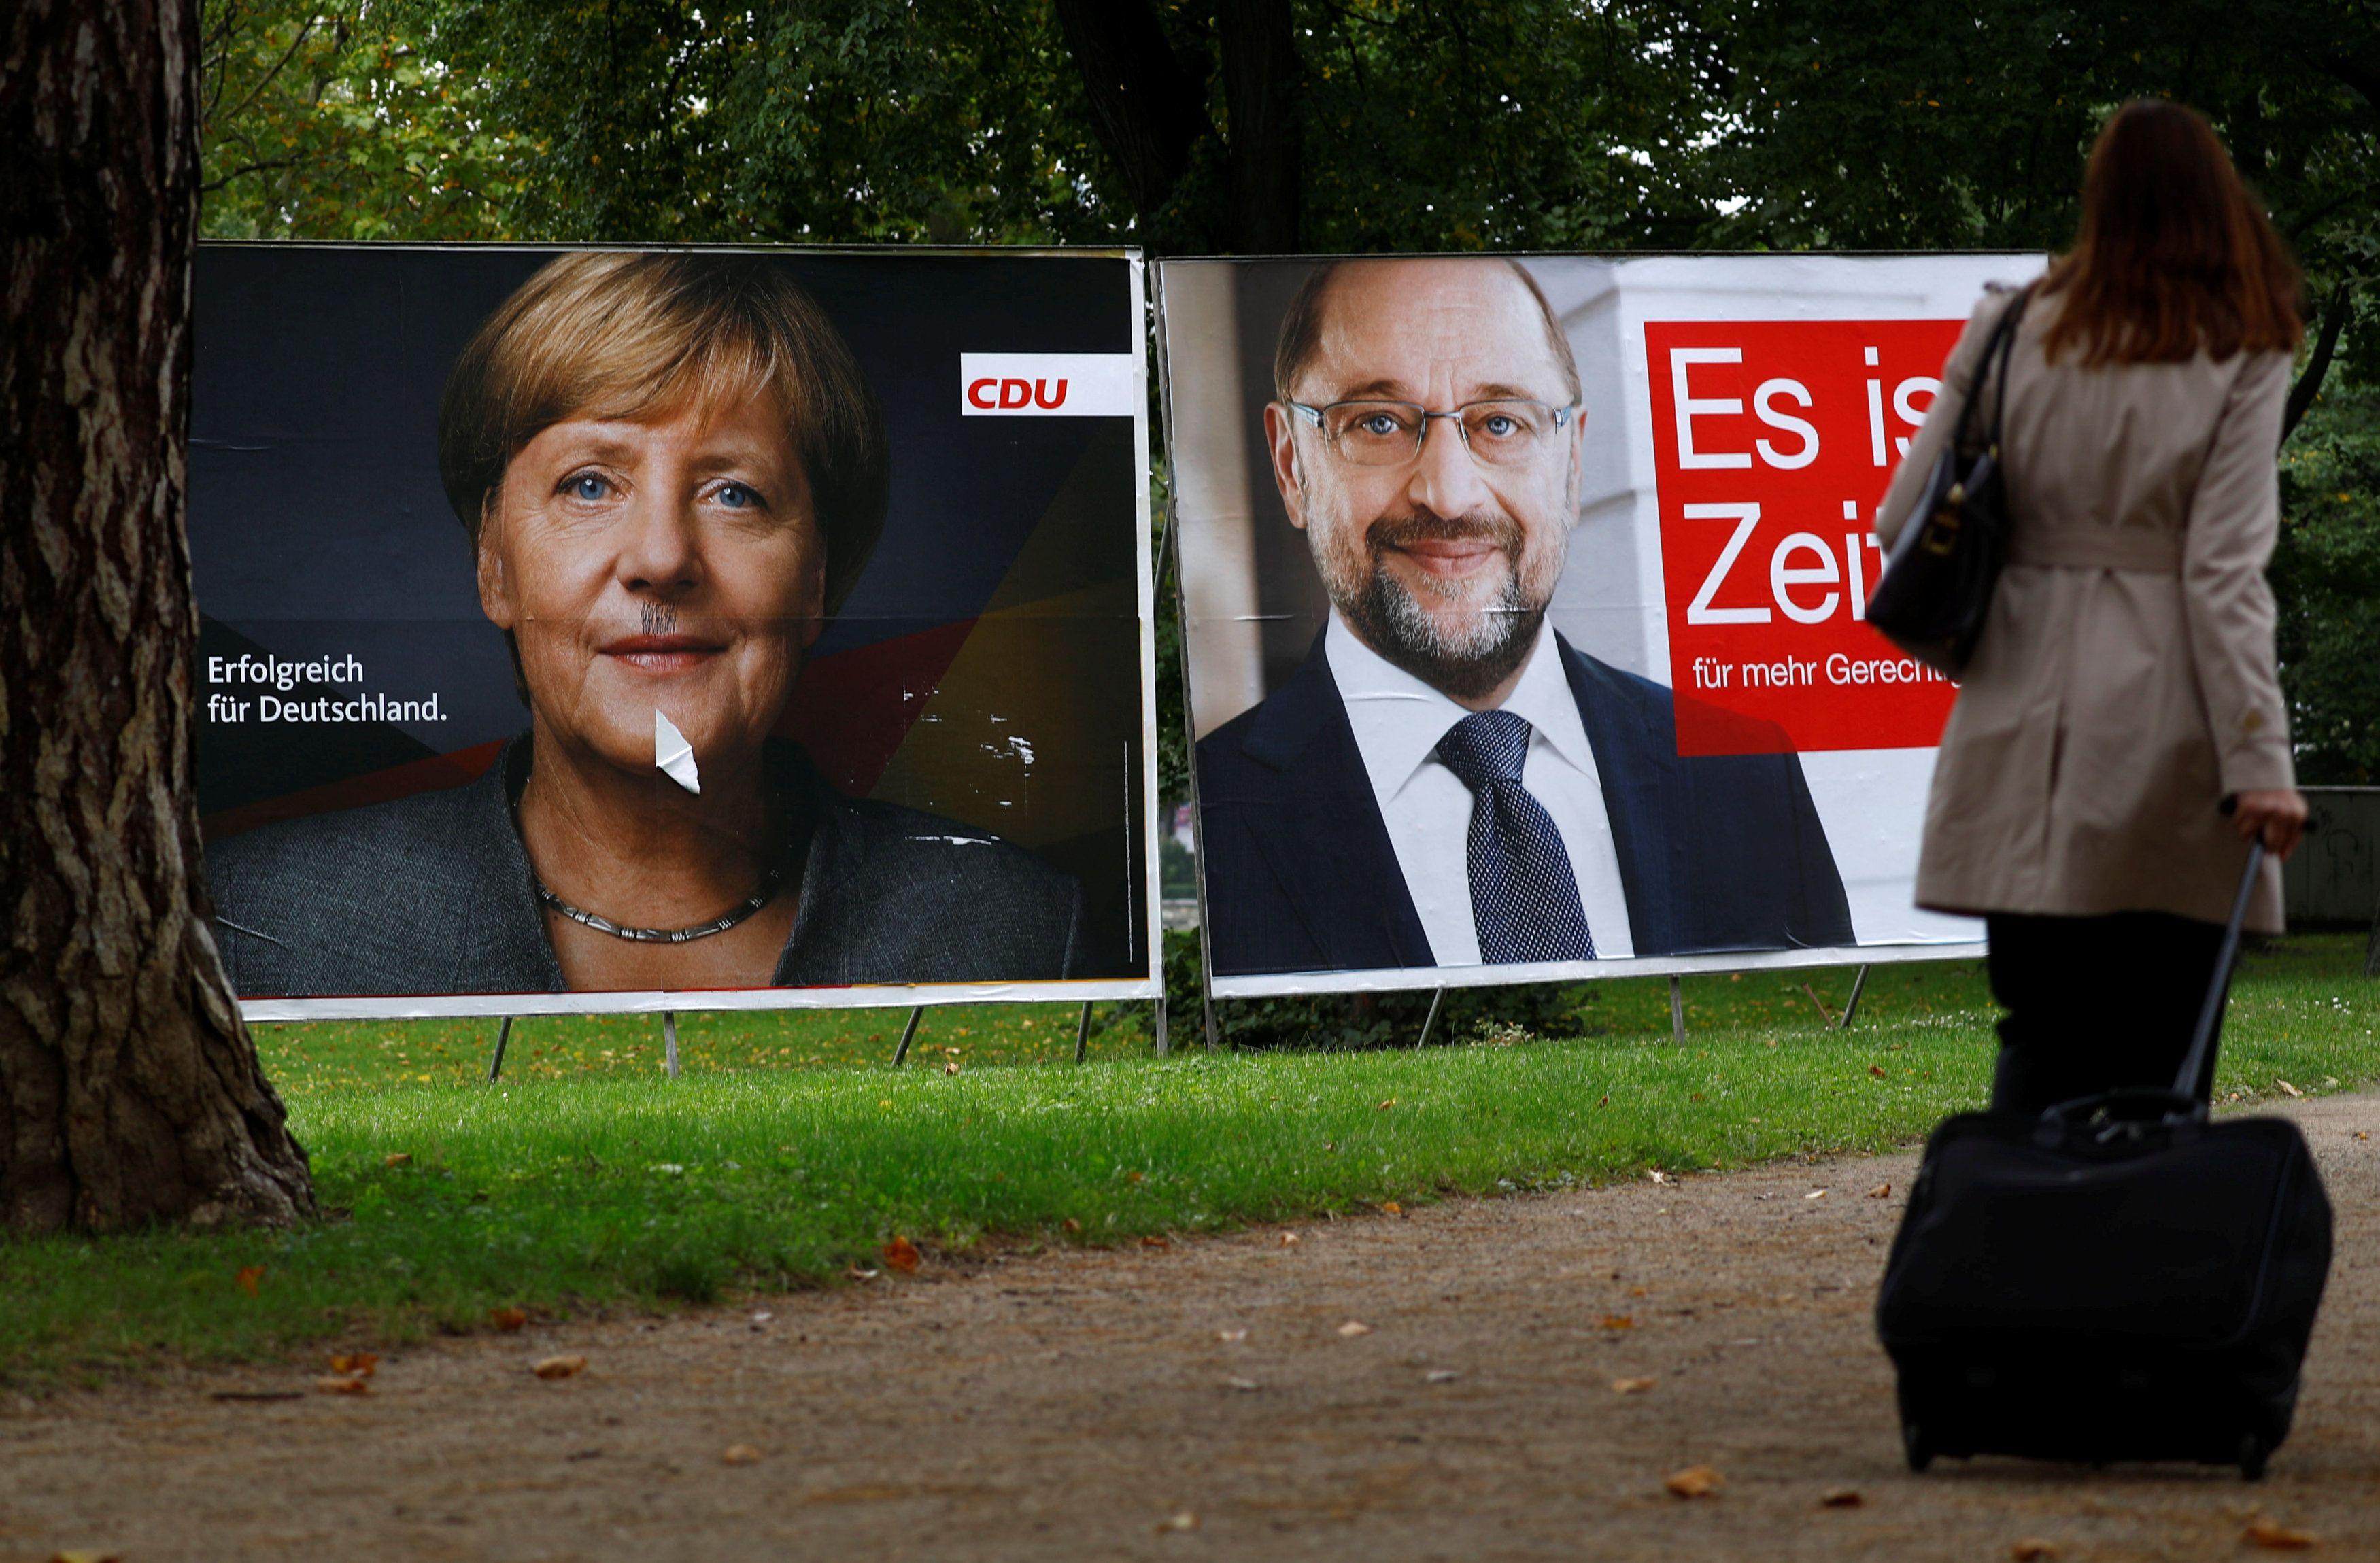 Меркель и Шульц — главные соперники на выборах.